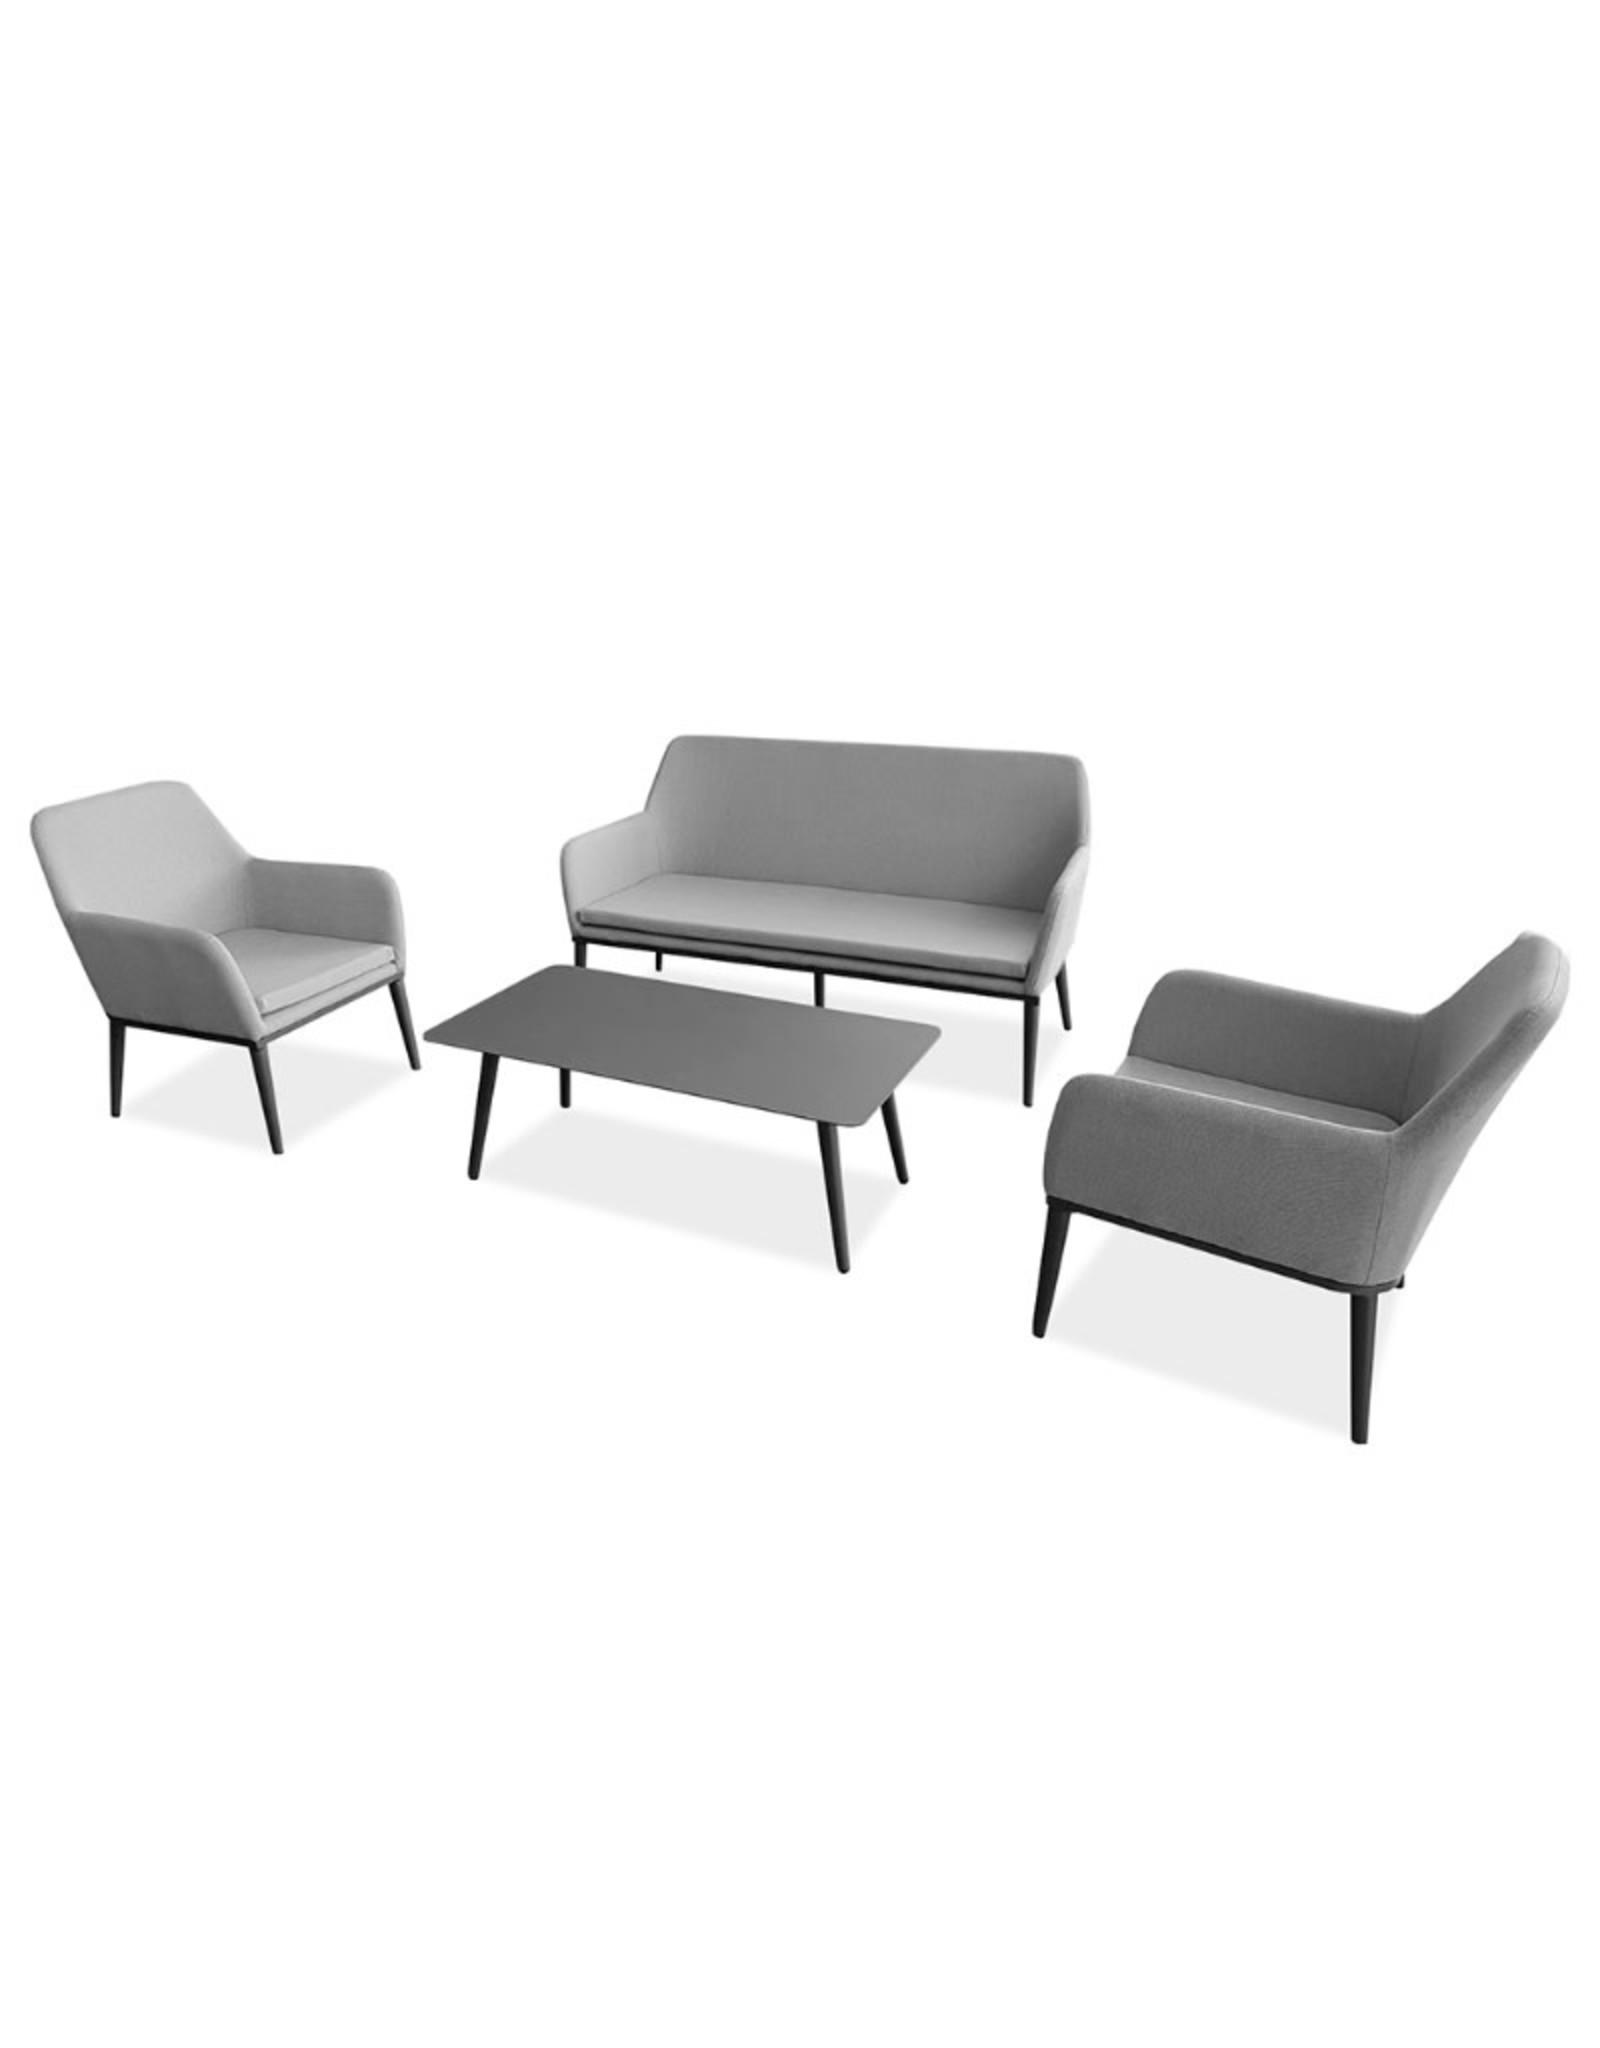 Hamilton Bay OUTDOOR Hamilton Bay Manhatten sofa loungeset donkergrijs